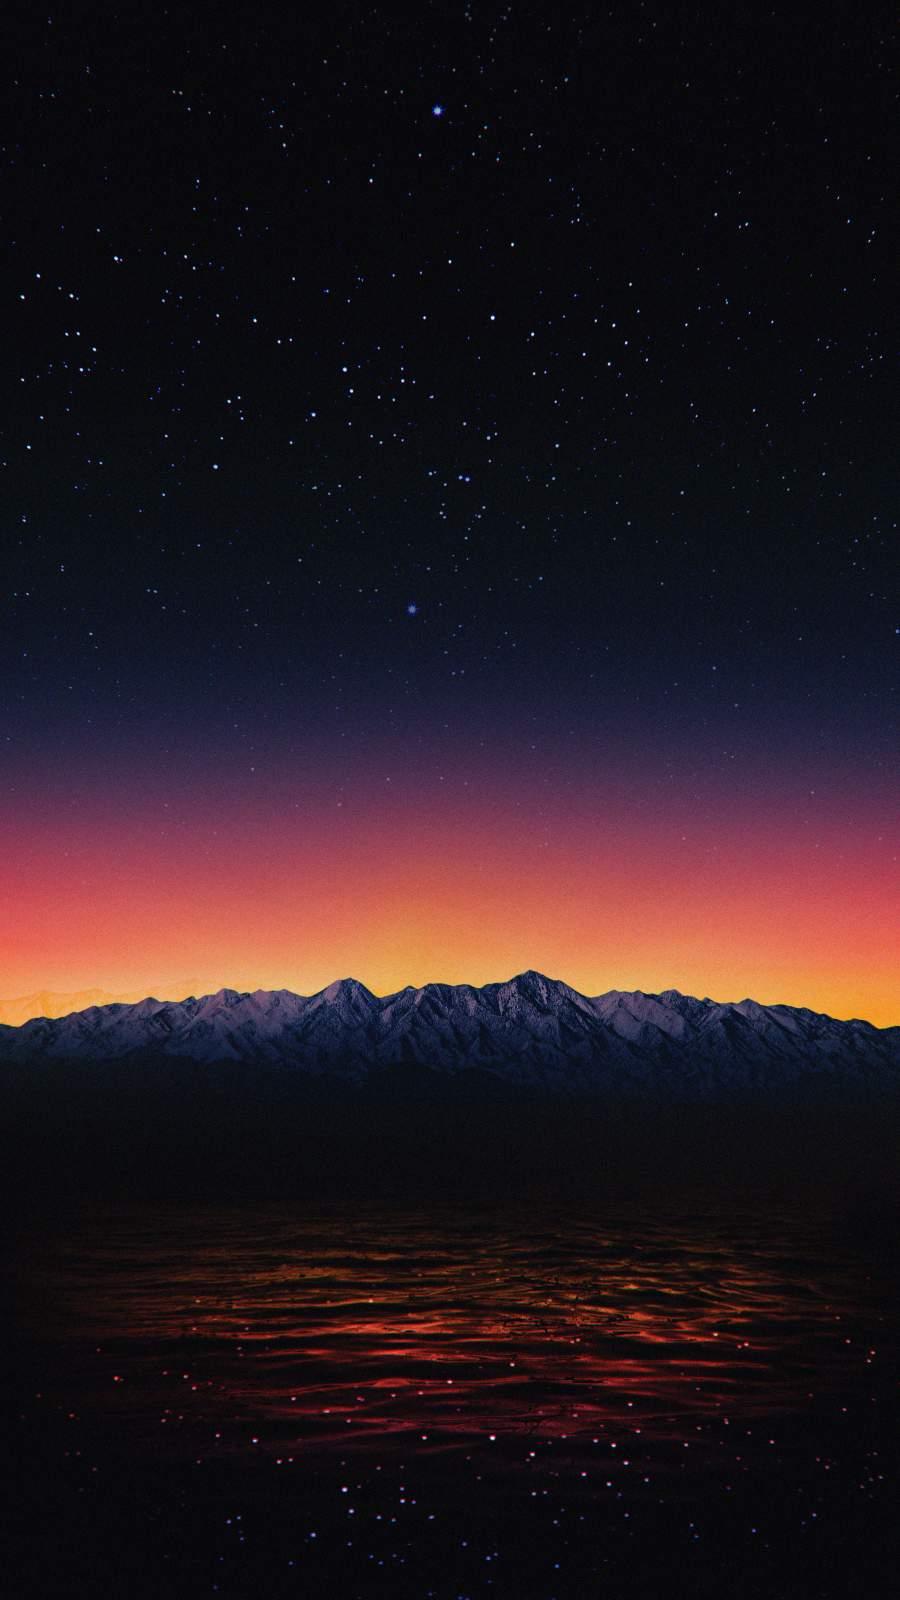 Night Mountains Starry Sky